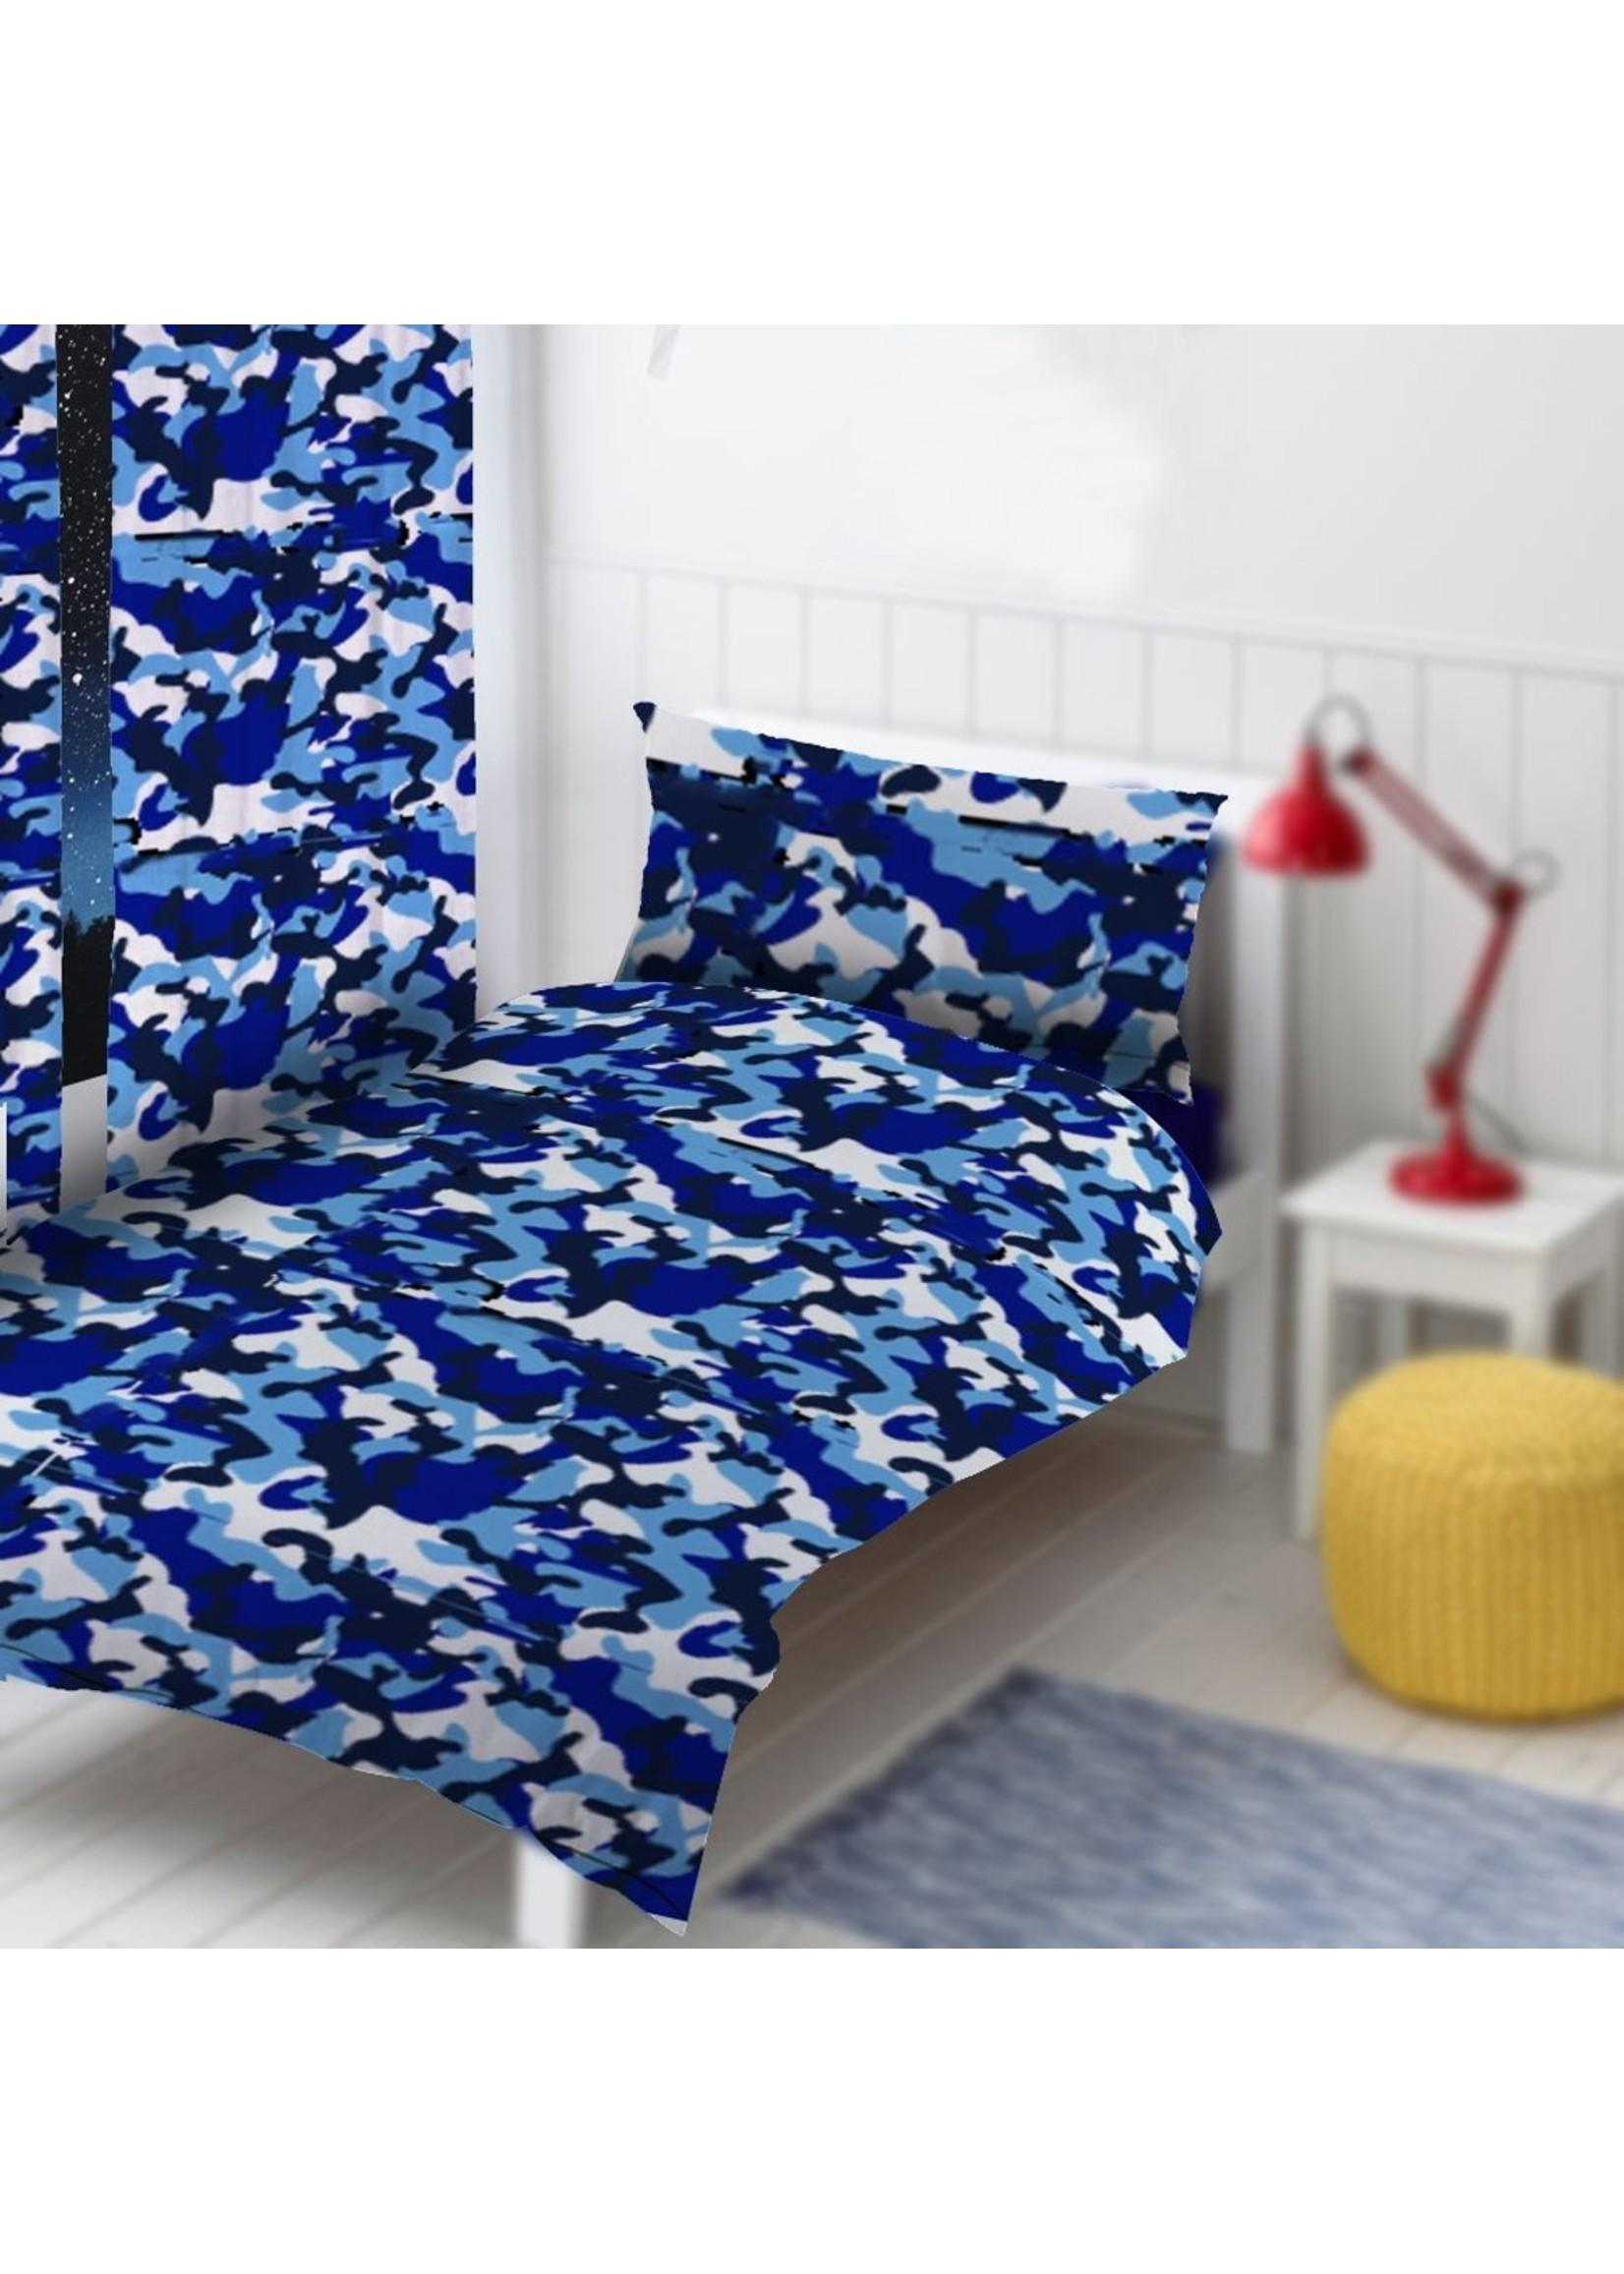 Camouflage Tweepersoons Dekbedovertrek Blauw